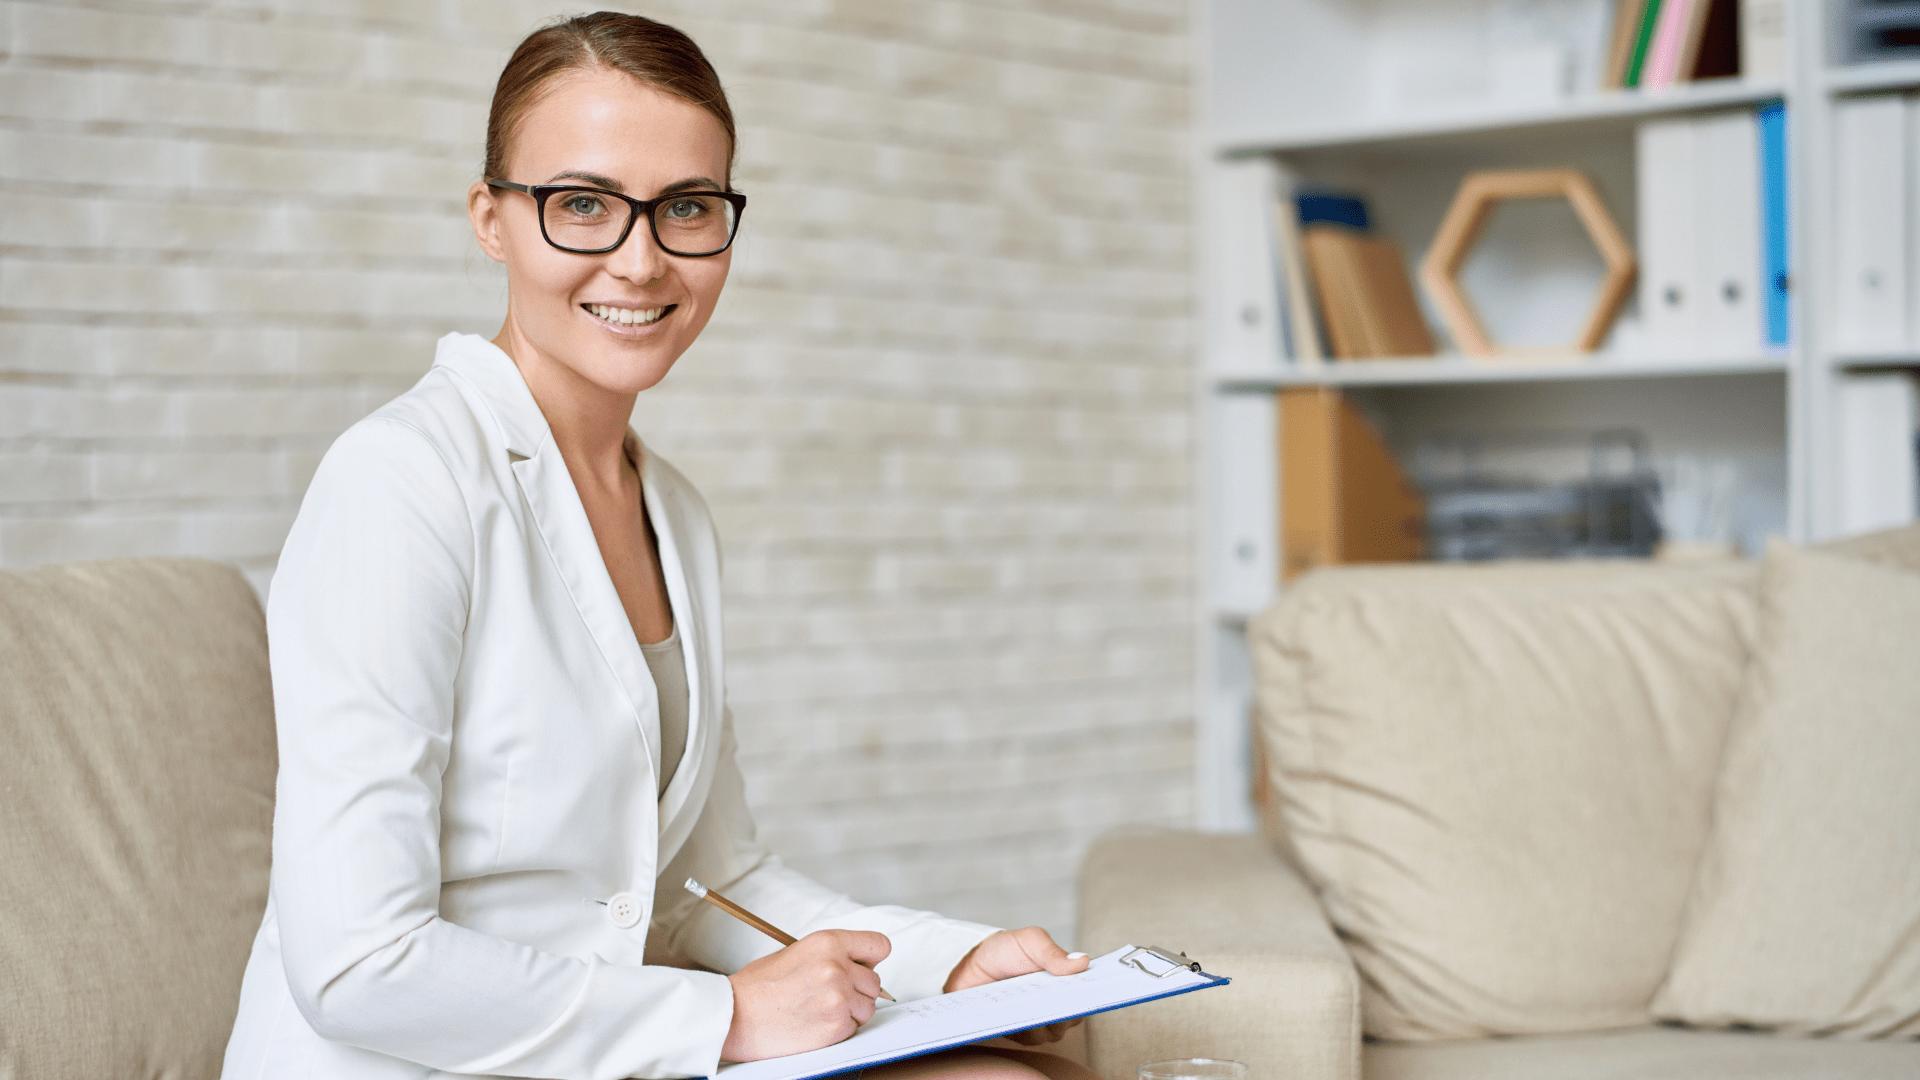 Egyéni konzultáció, pszichoterápia